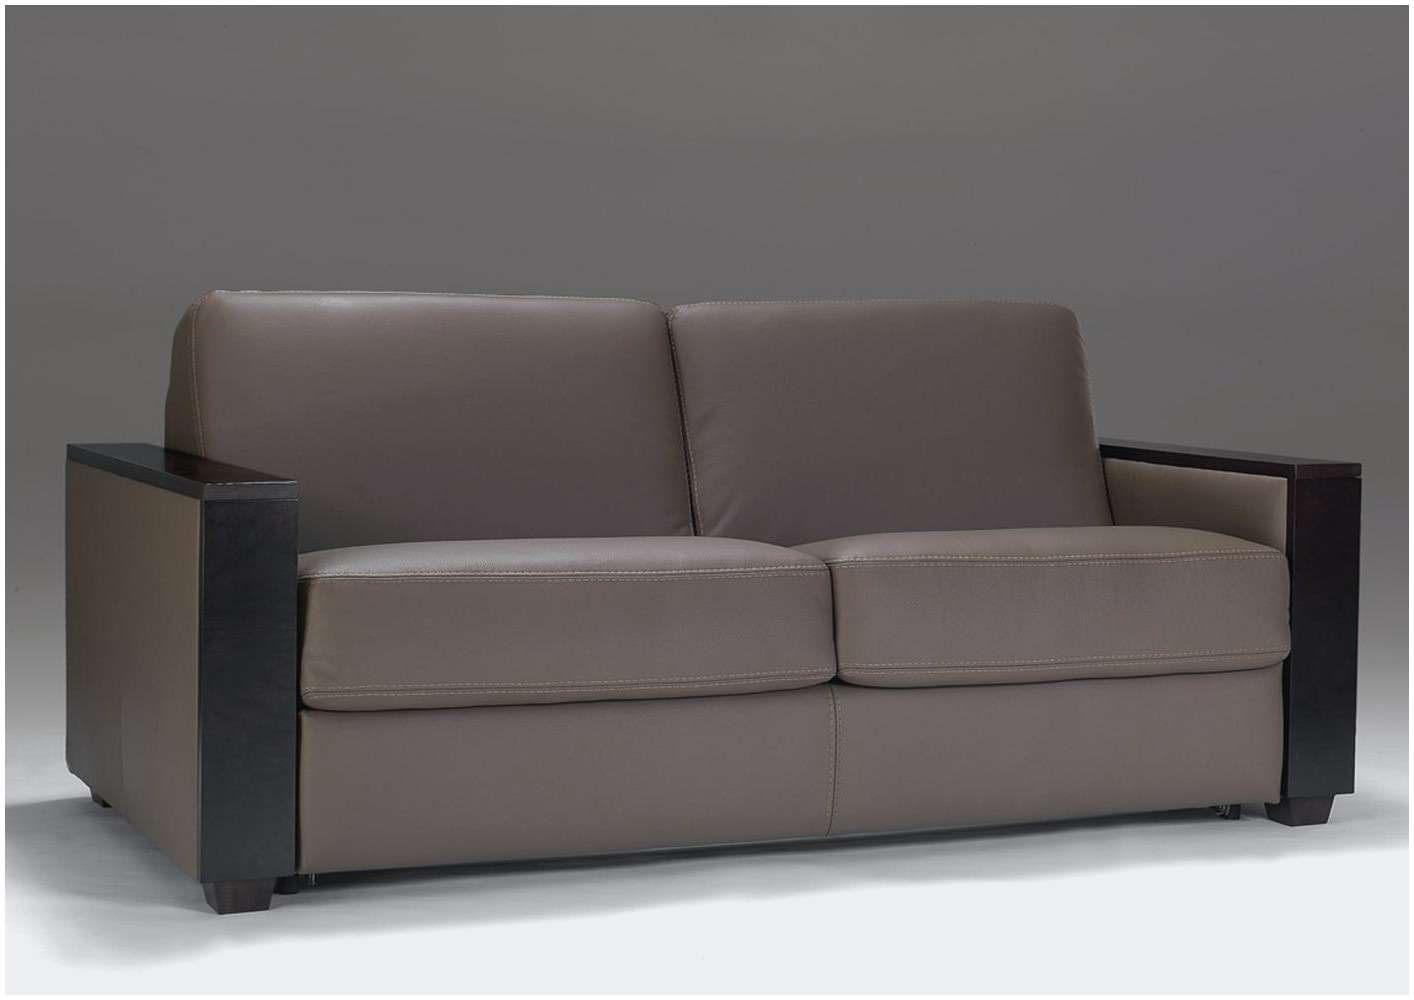 Canapé Lit Confortable Unique Inspiré Les 30 Meilleur Canapé Convertible Futon Stock Pour Choix